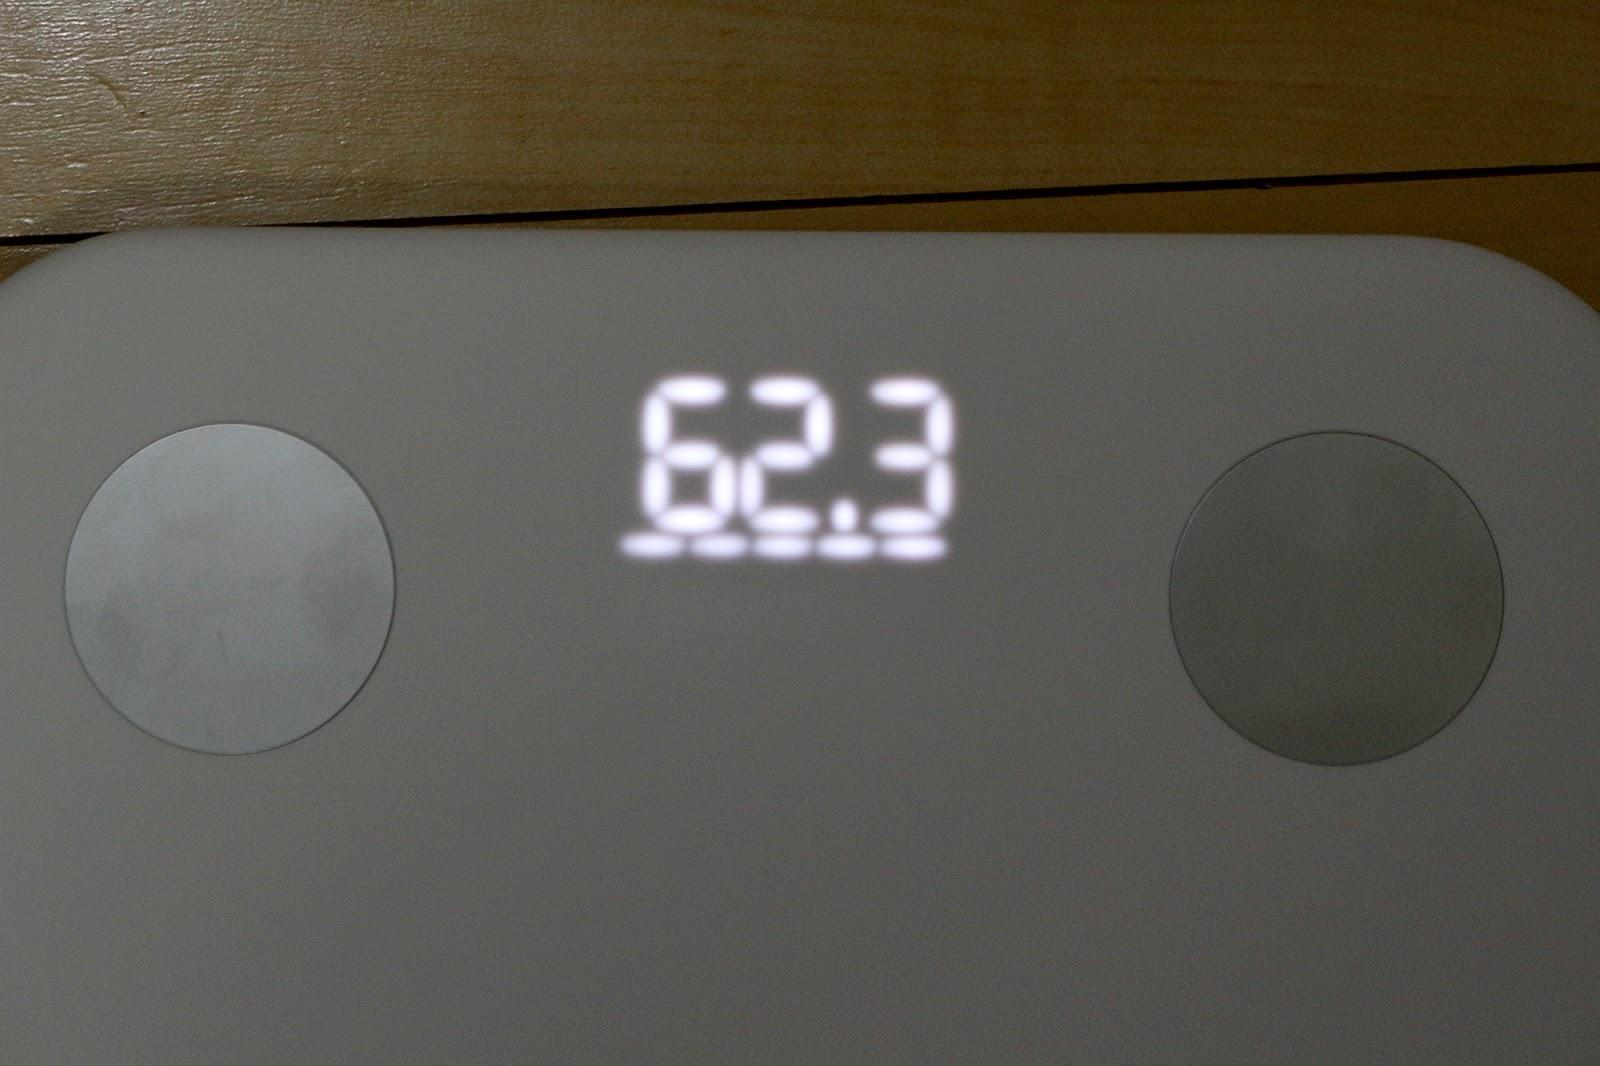 2 計 mi スマート 体 組成